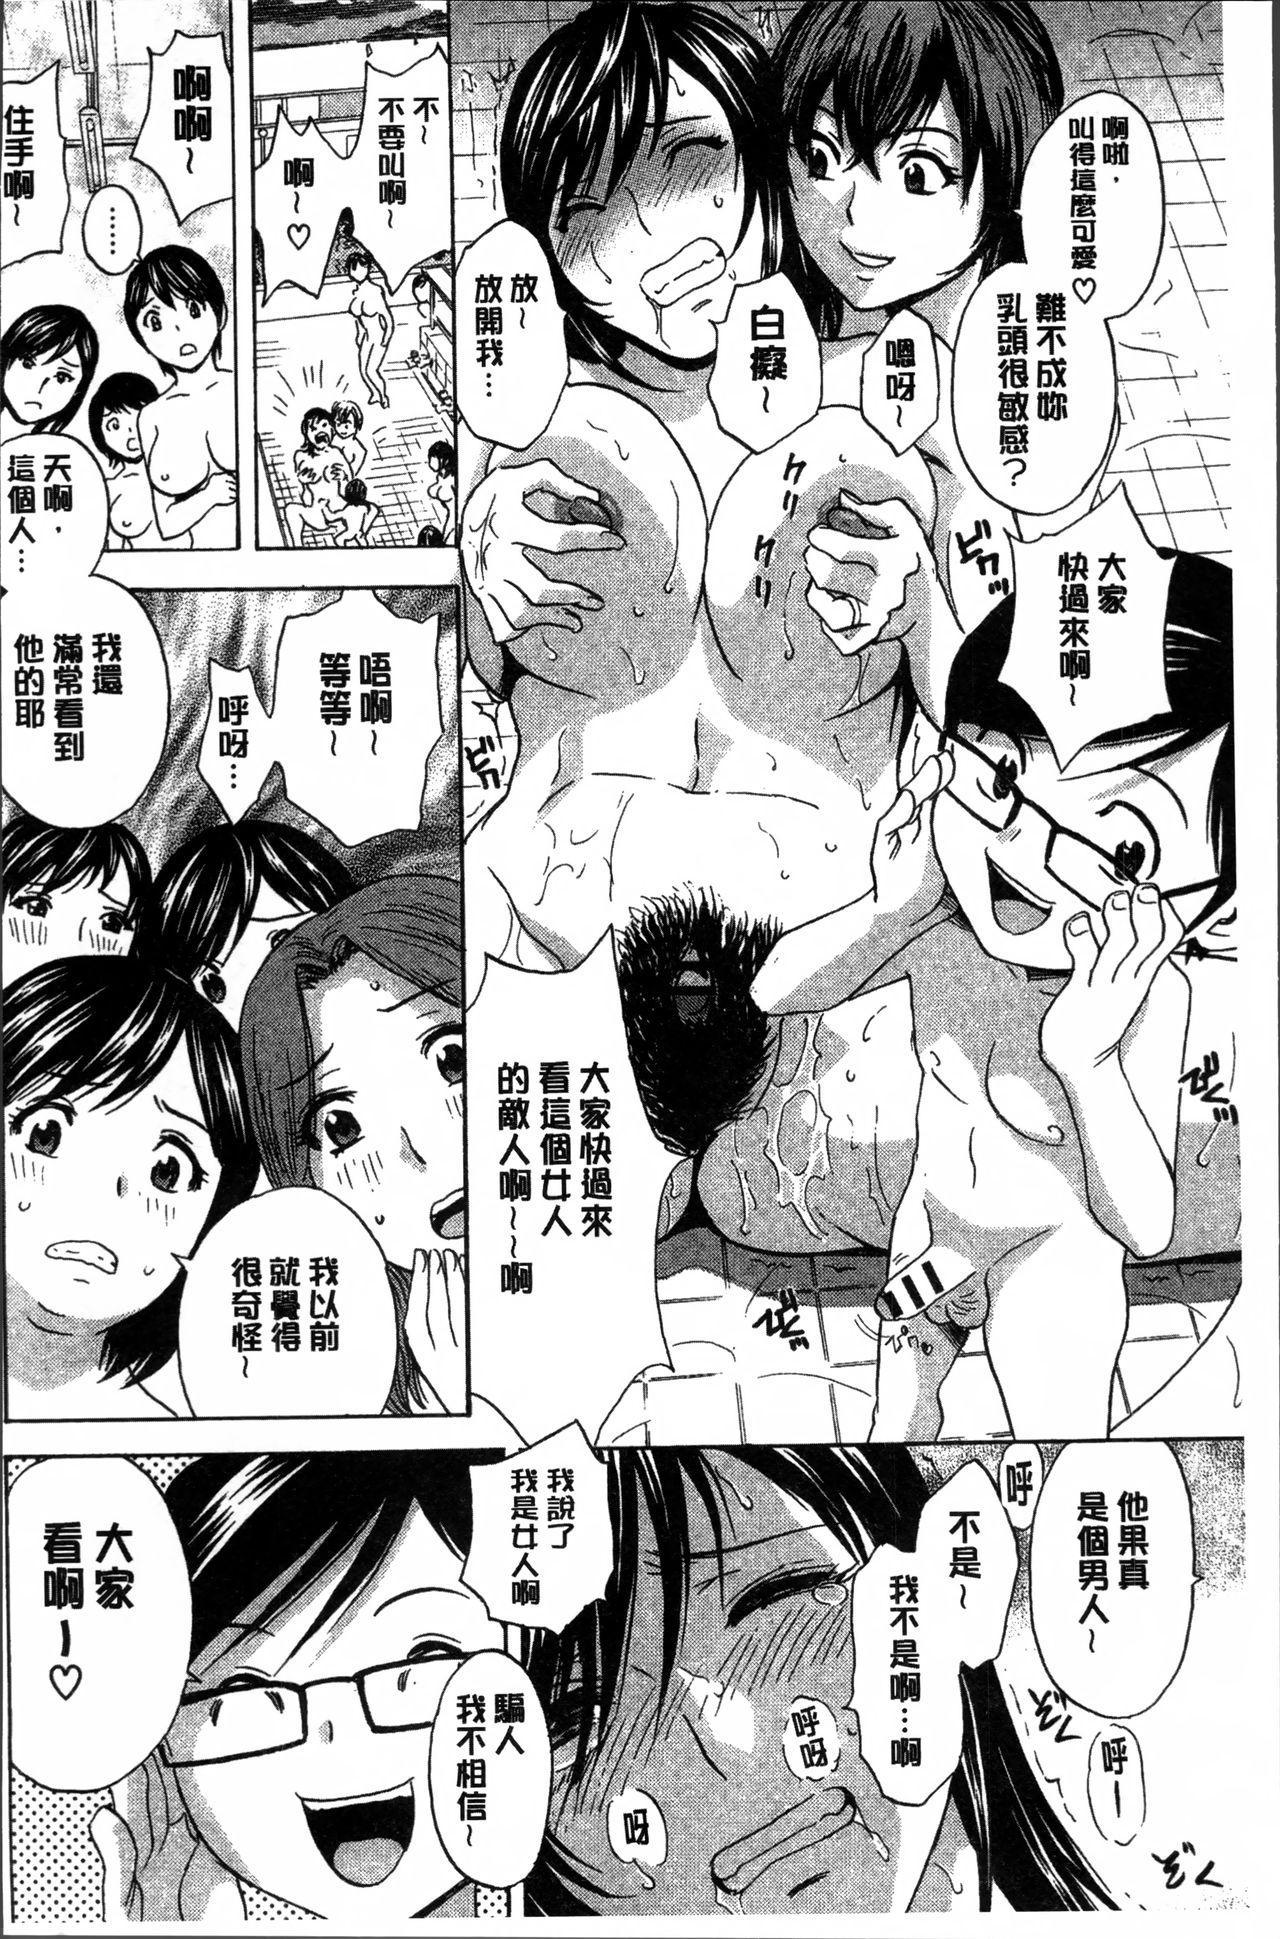 Ryoujyoku!! Urechichi Paradise 133